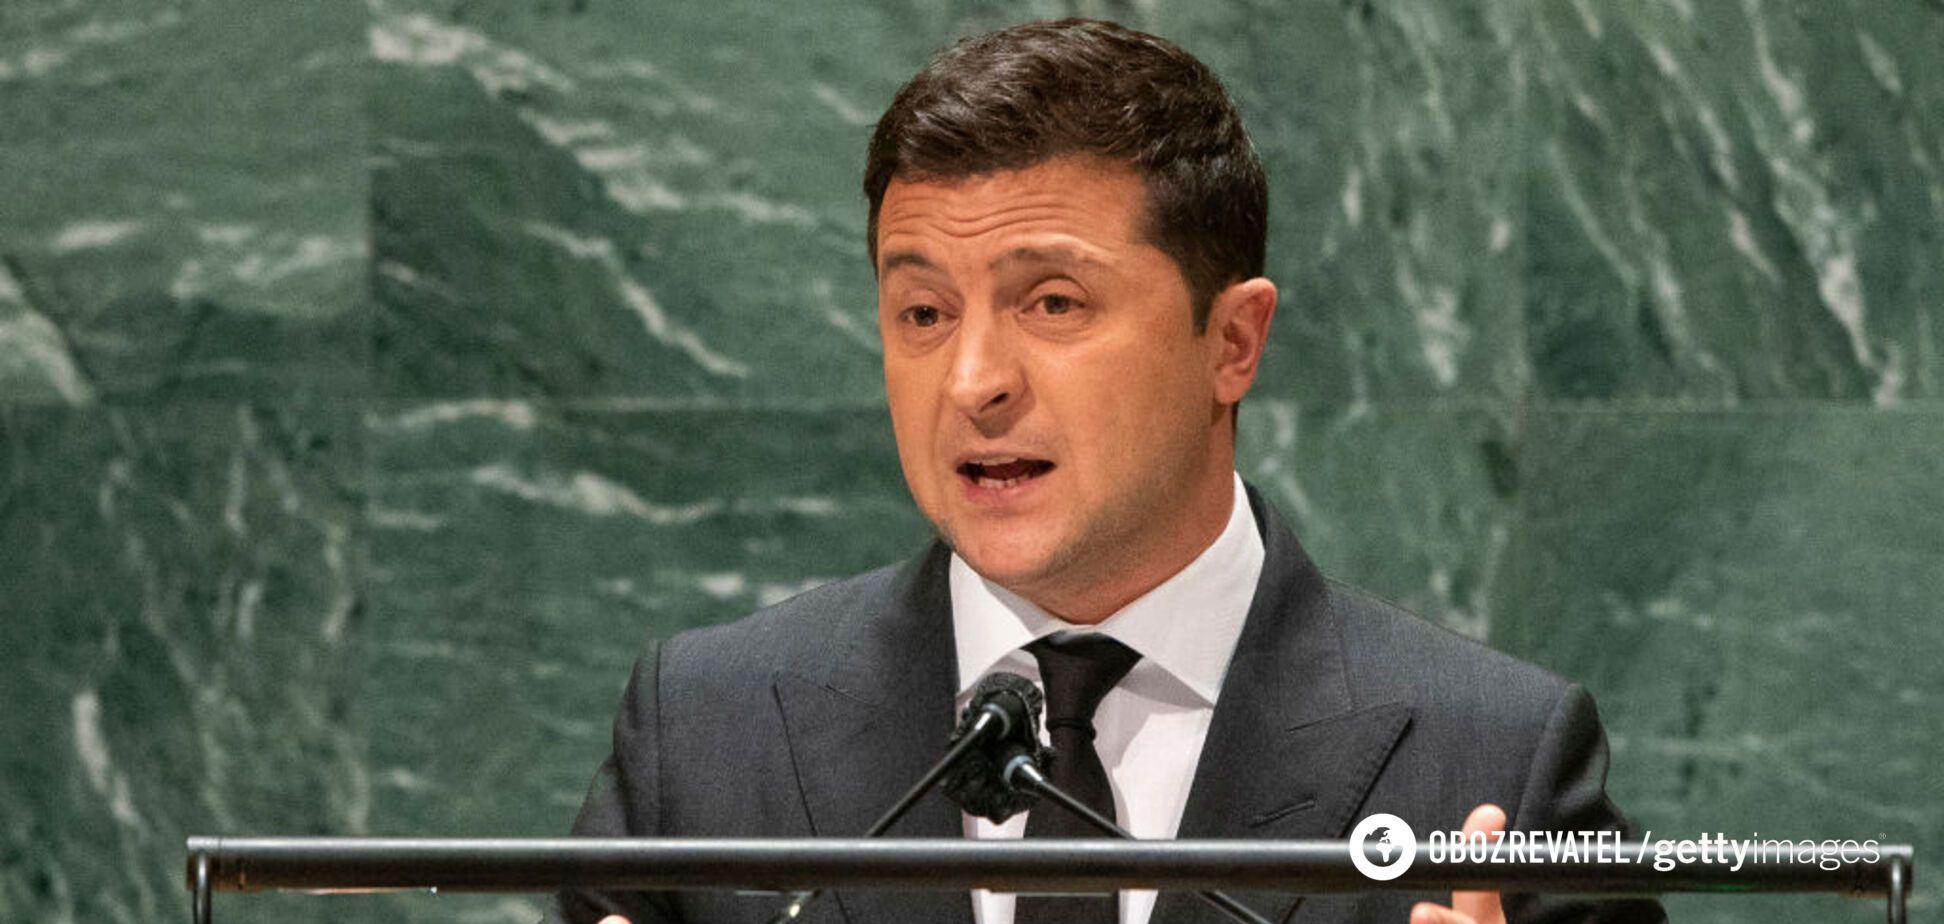 Зеленский во время выступления на Генассамблеи ООН потроллил Россию. Видео